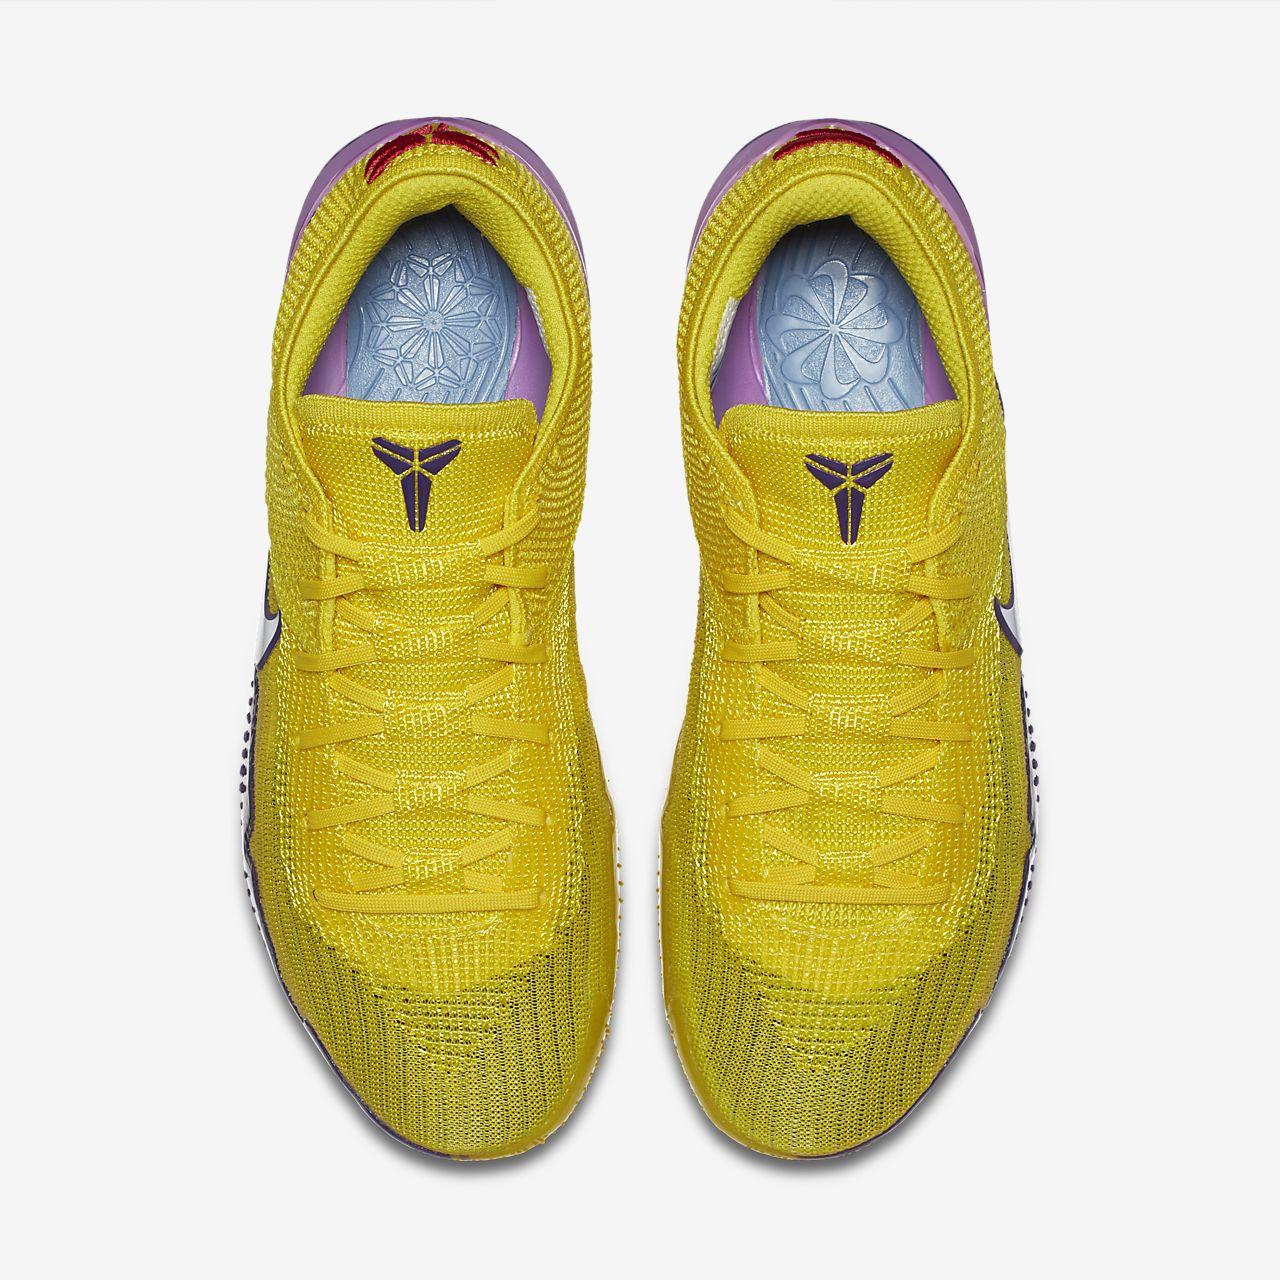 huge discount bb797 34c15 ... Kobe A.D. NXT 360 Basketball Shoe